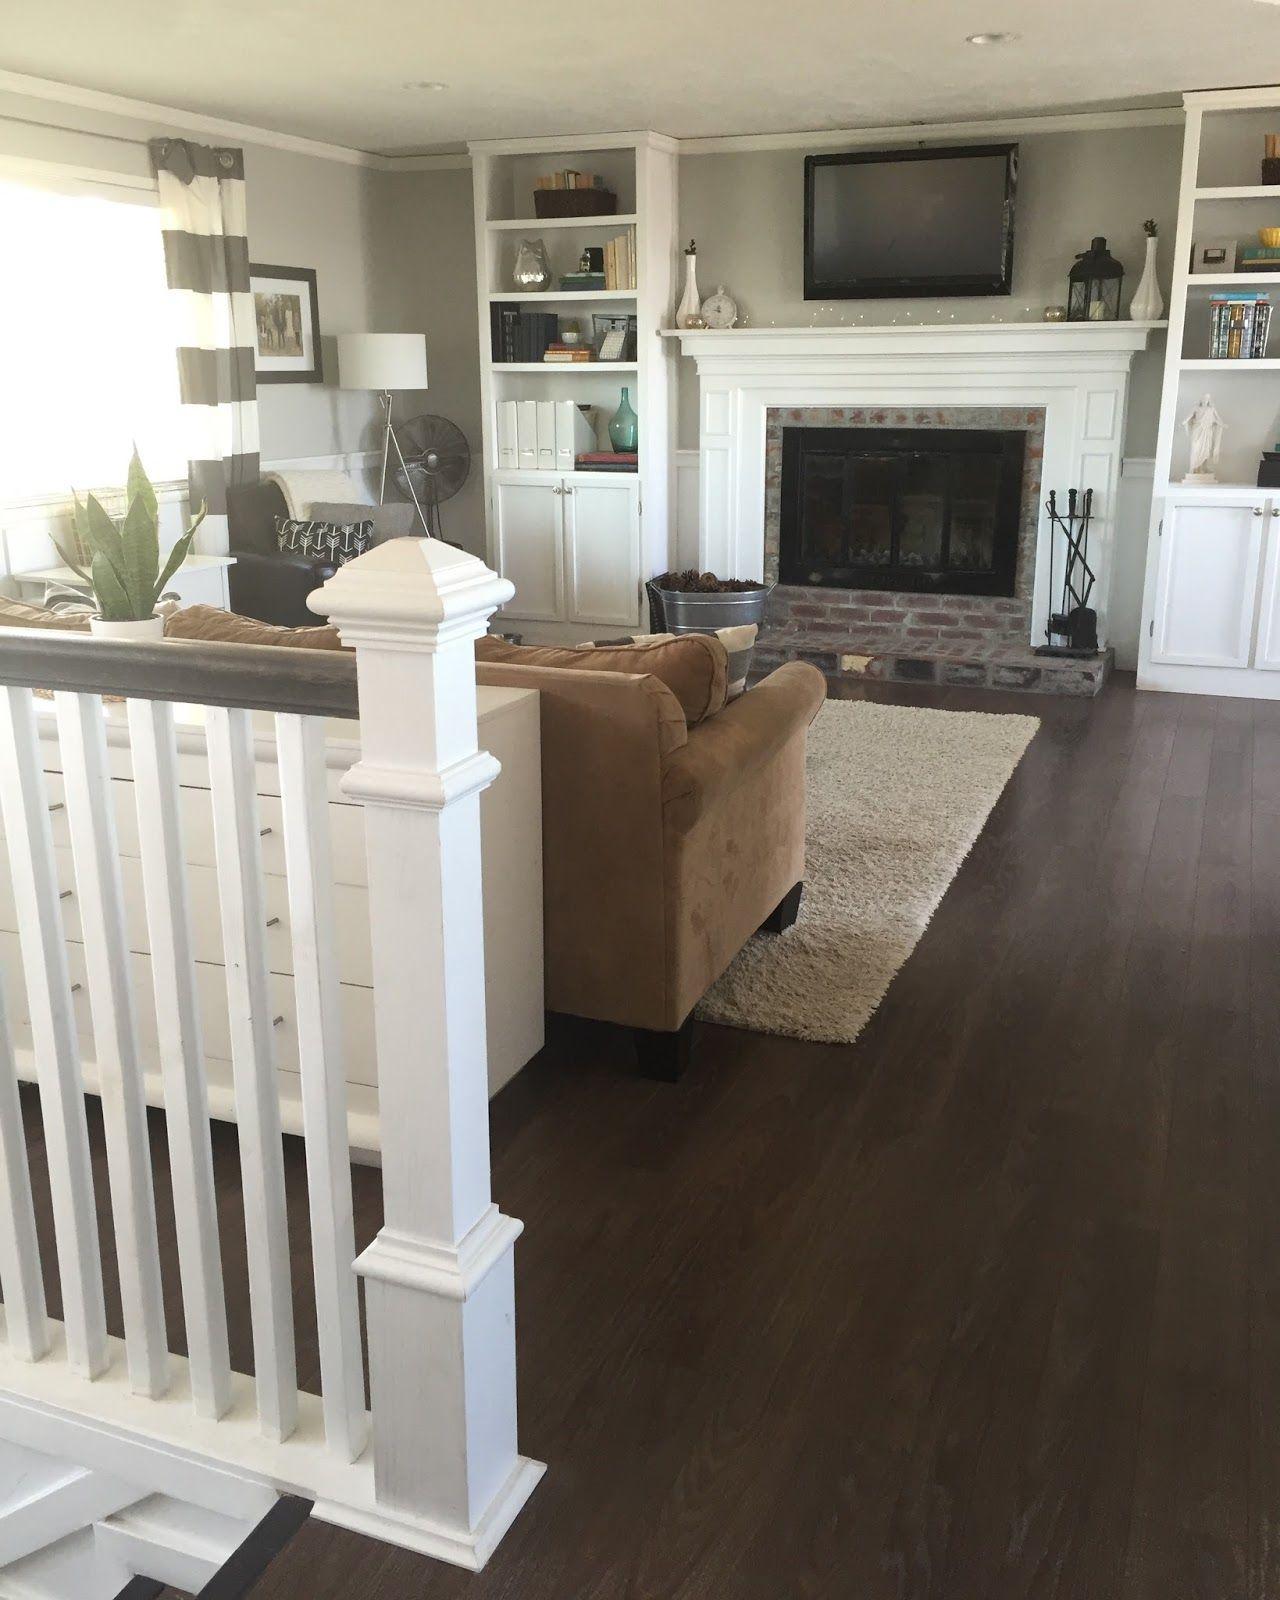 best 25 split level home ideas on pinterest split level remodel - Home Remodeling Ideas Pictures